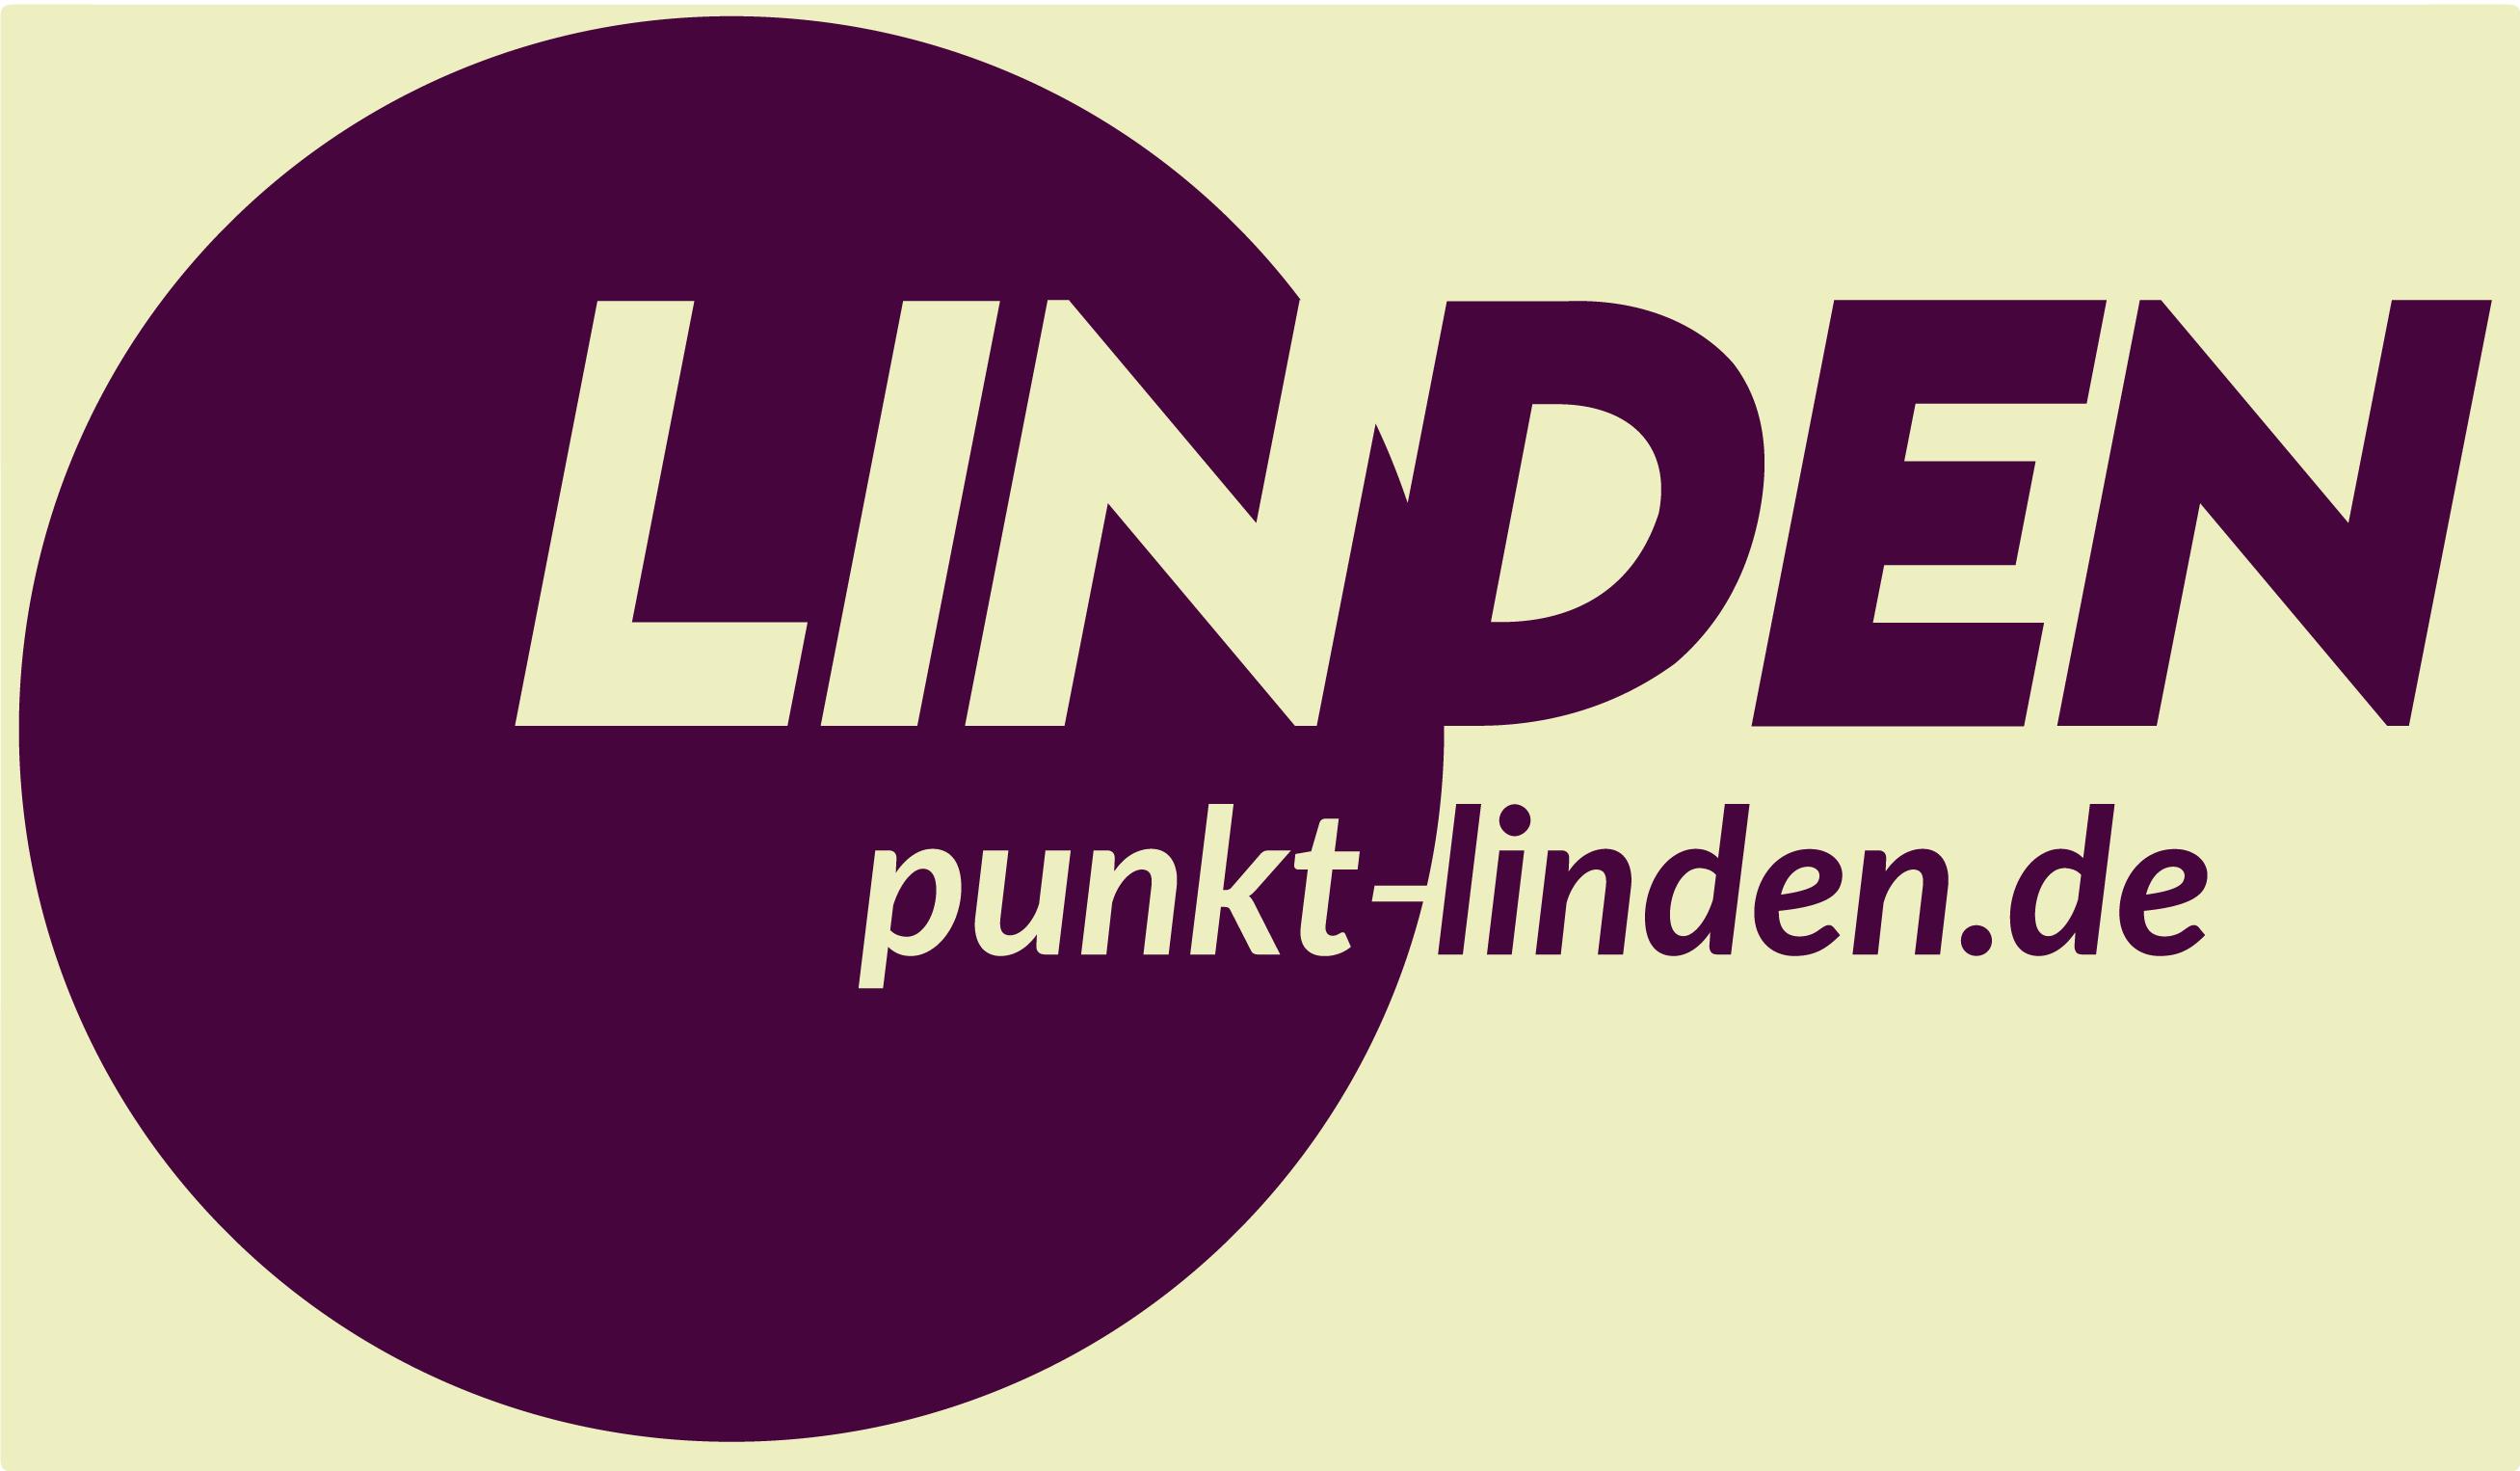 Stadtteilmagazin für Linden / Limmer